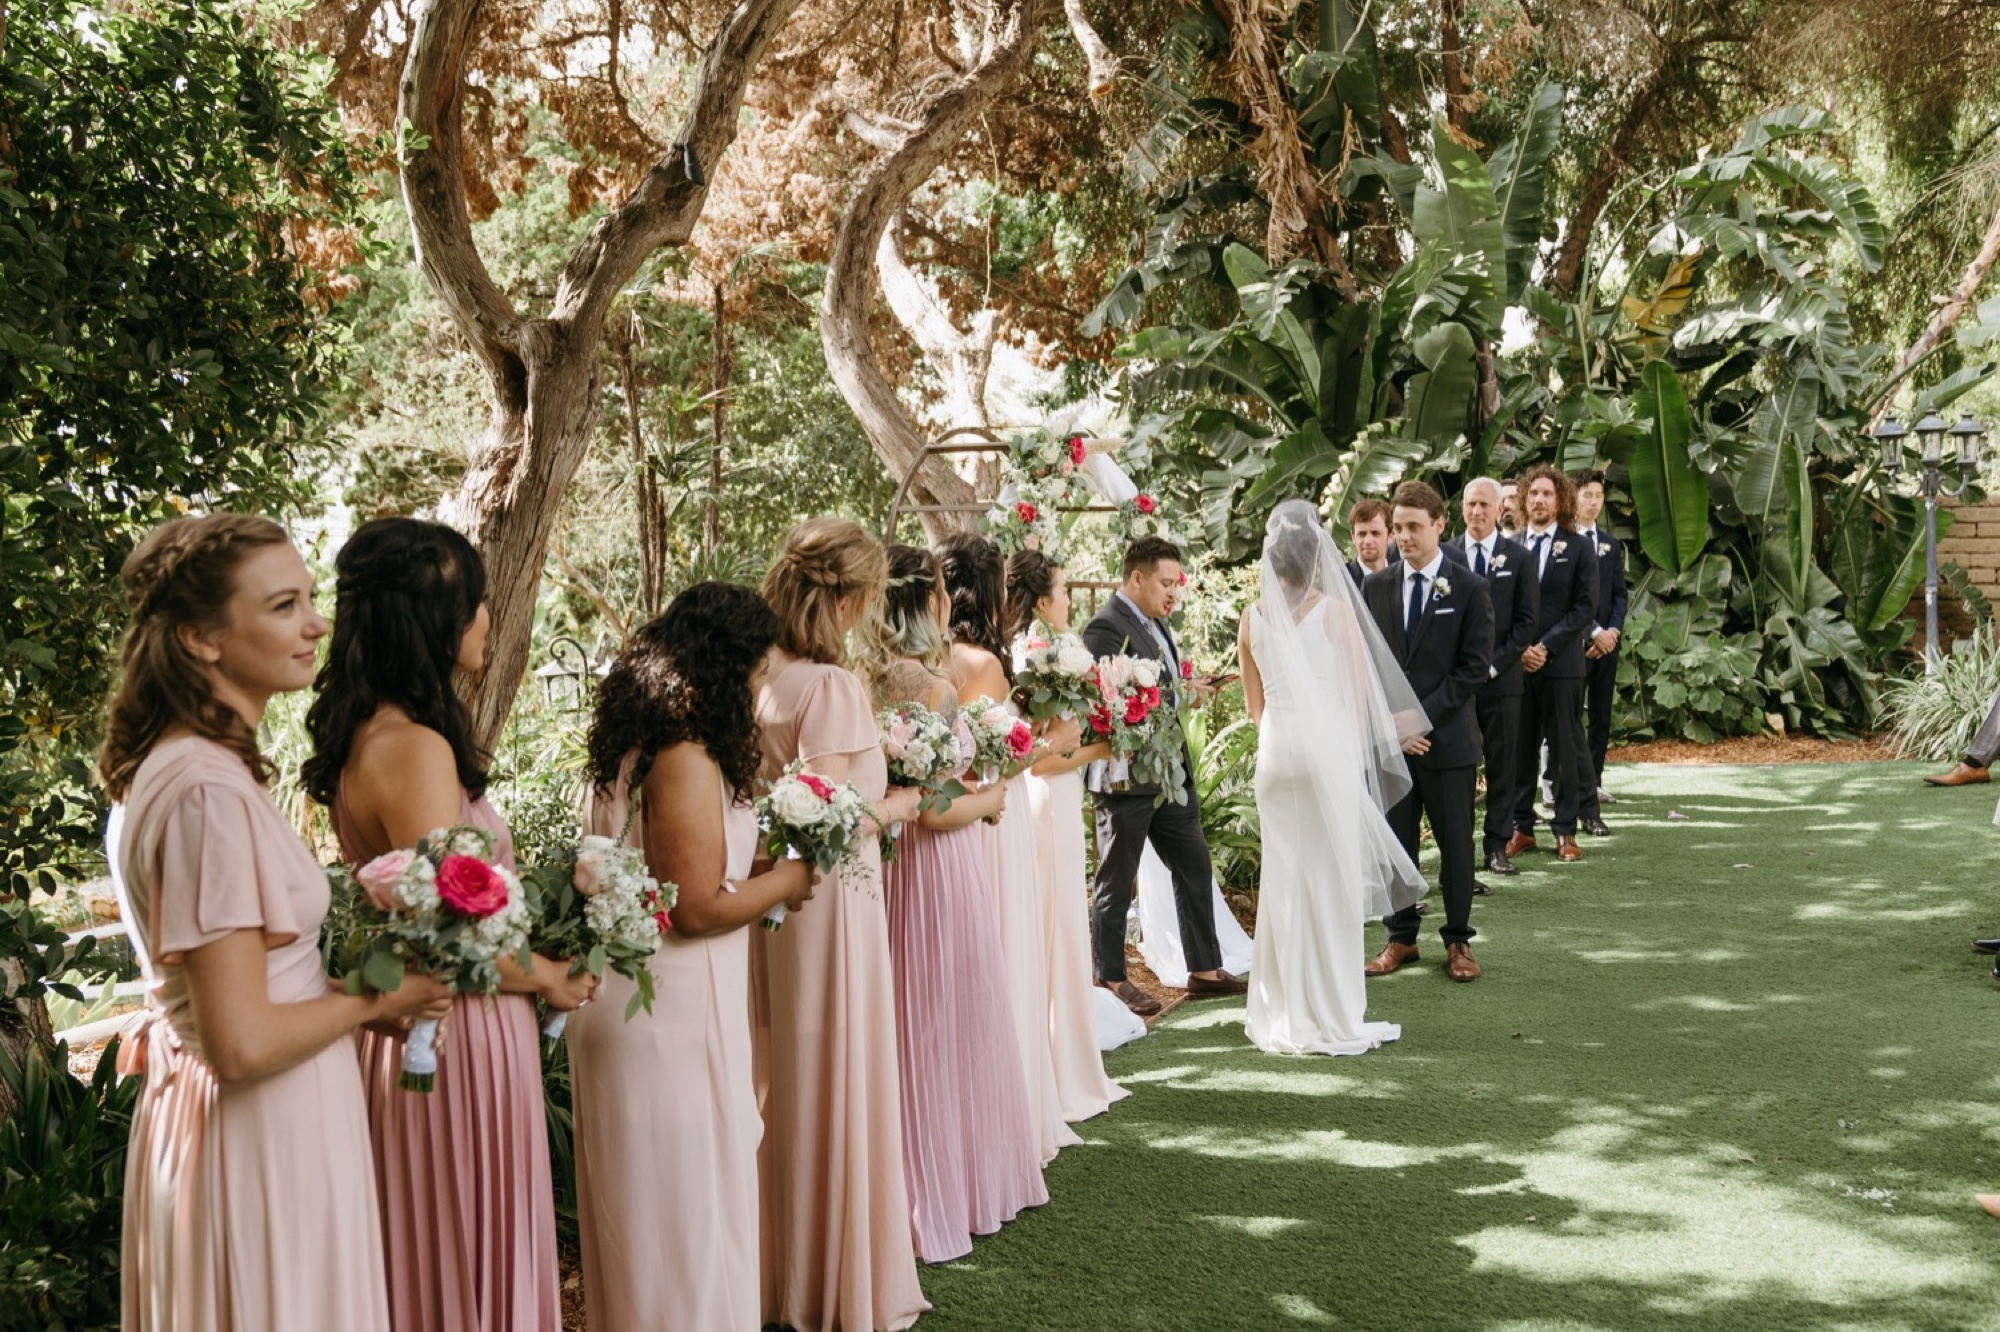 030_Shawna and Steve's Wedding-180.jpg